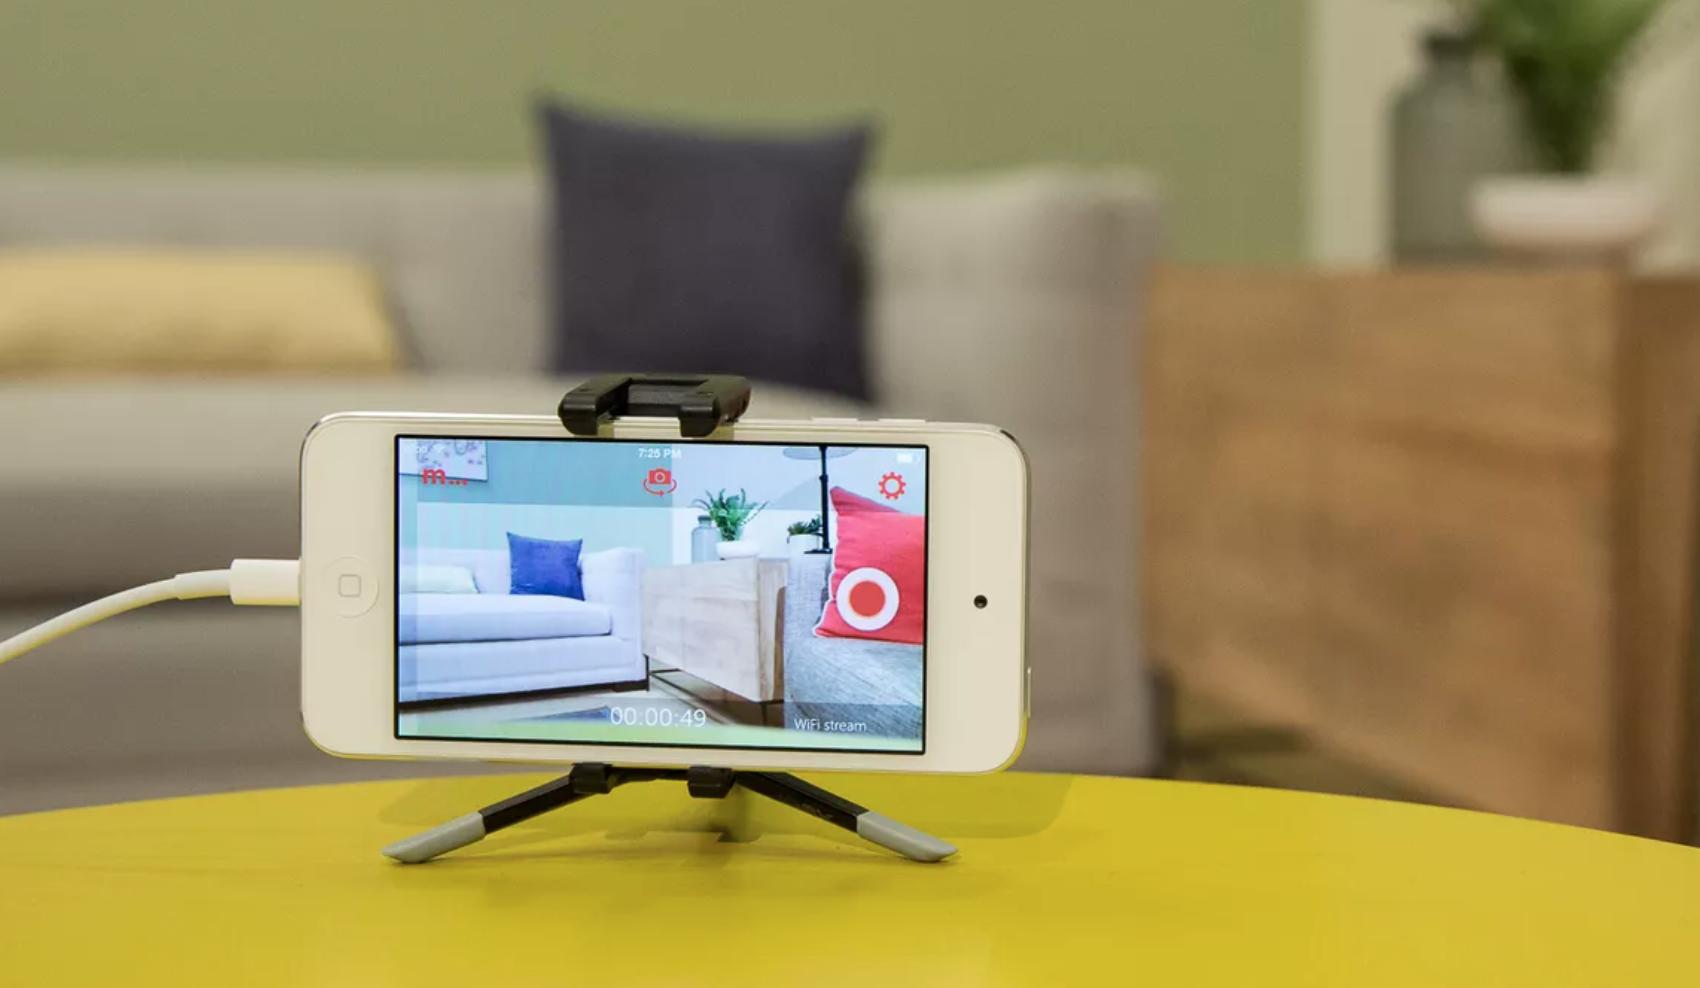 'Hô biến' điện thoại cũ thành camera an ninh